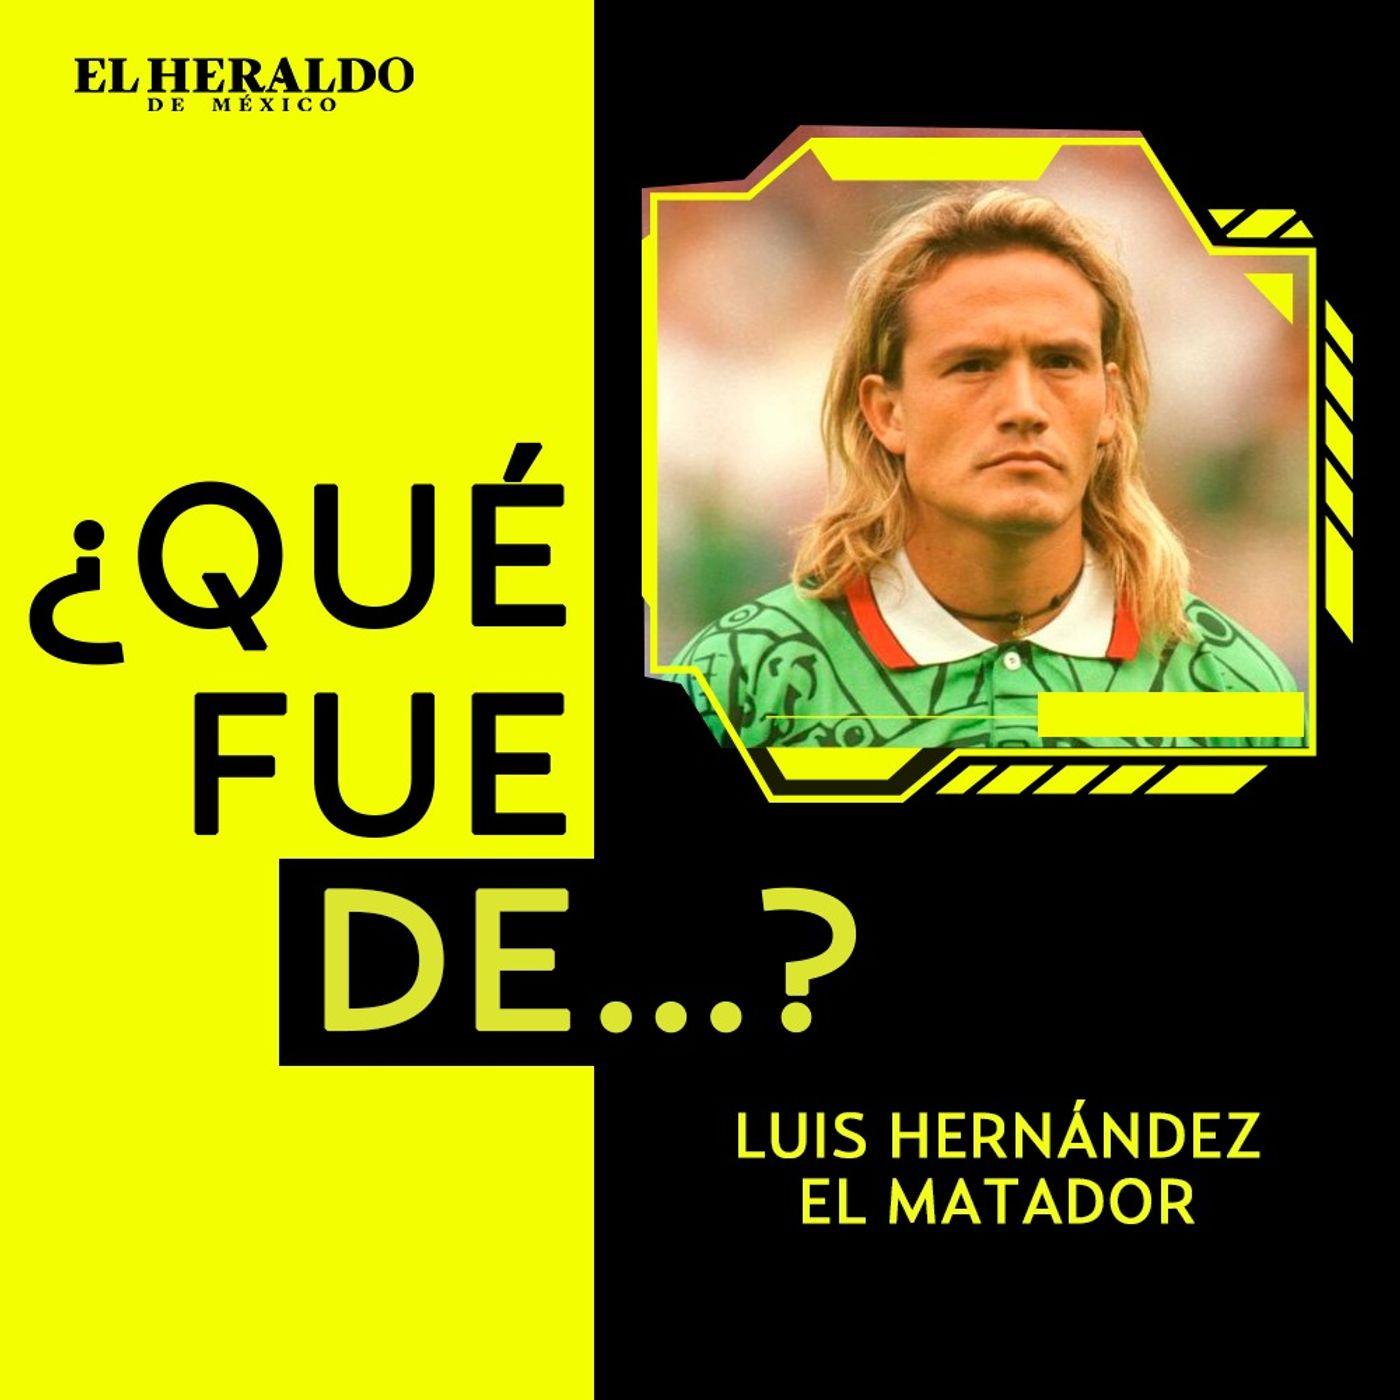 ¿Qué fue de...? Luis Hernández El Matador